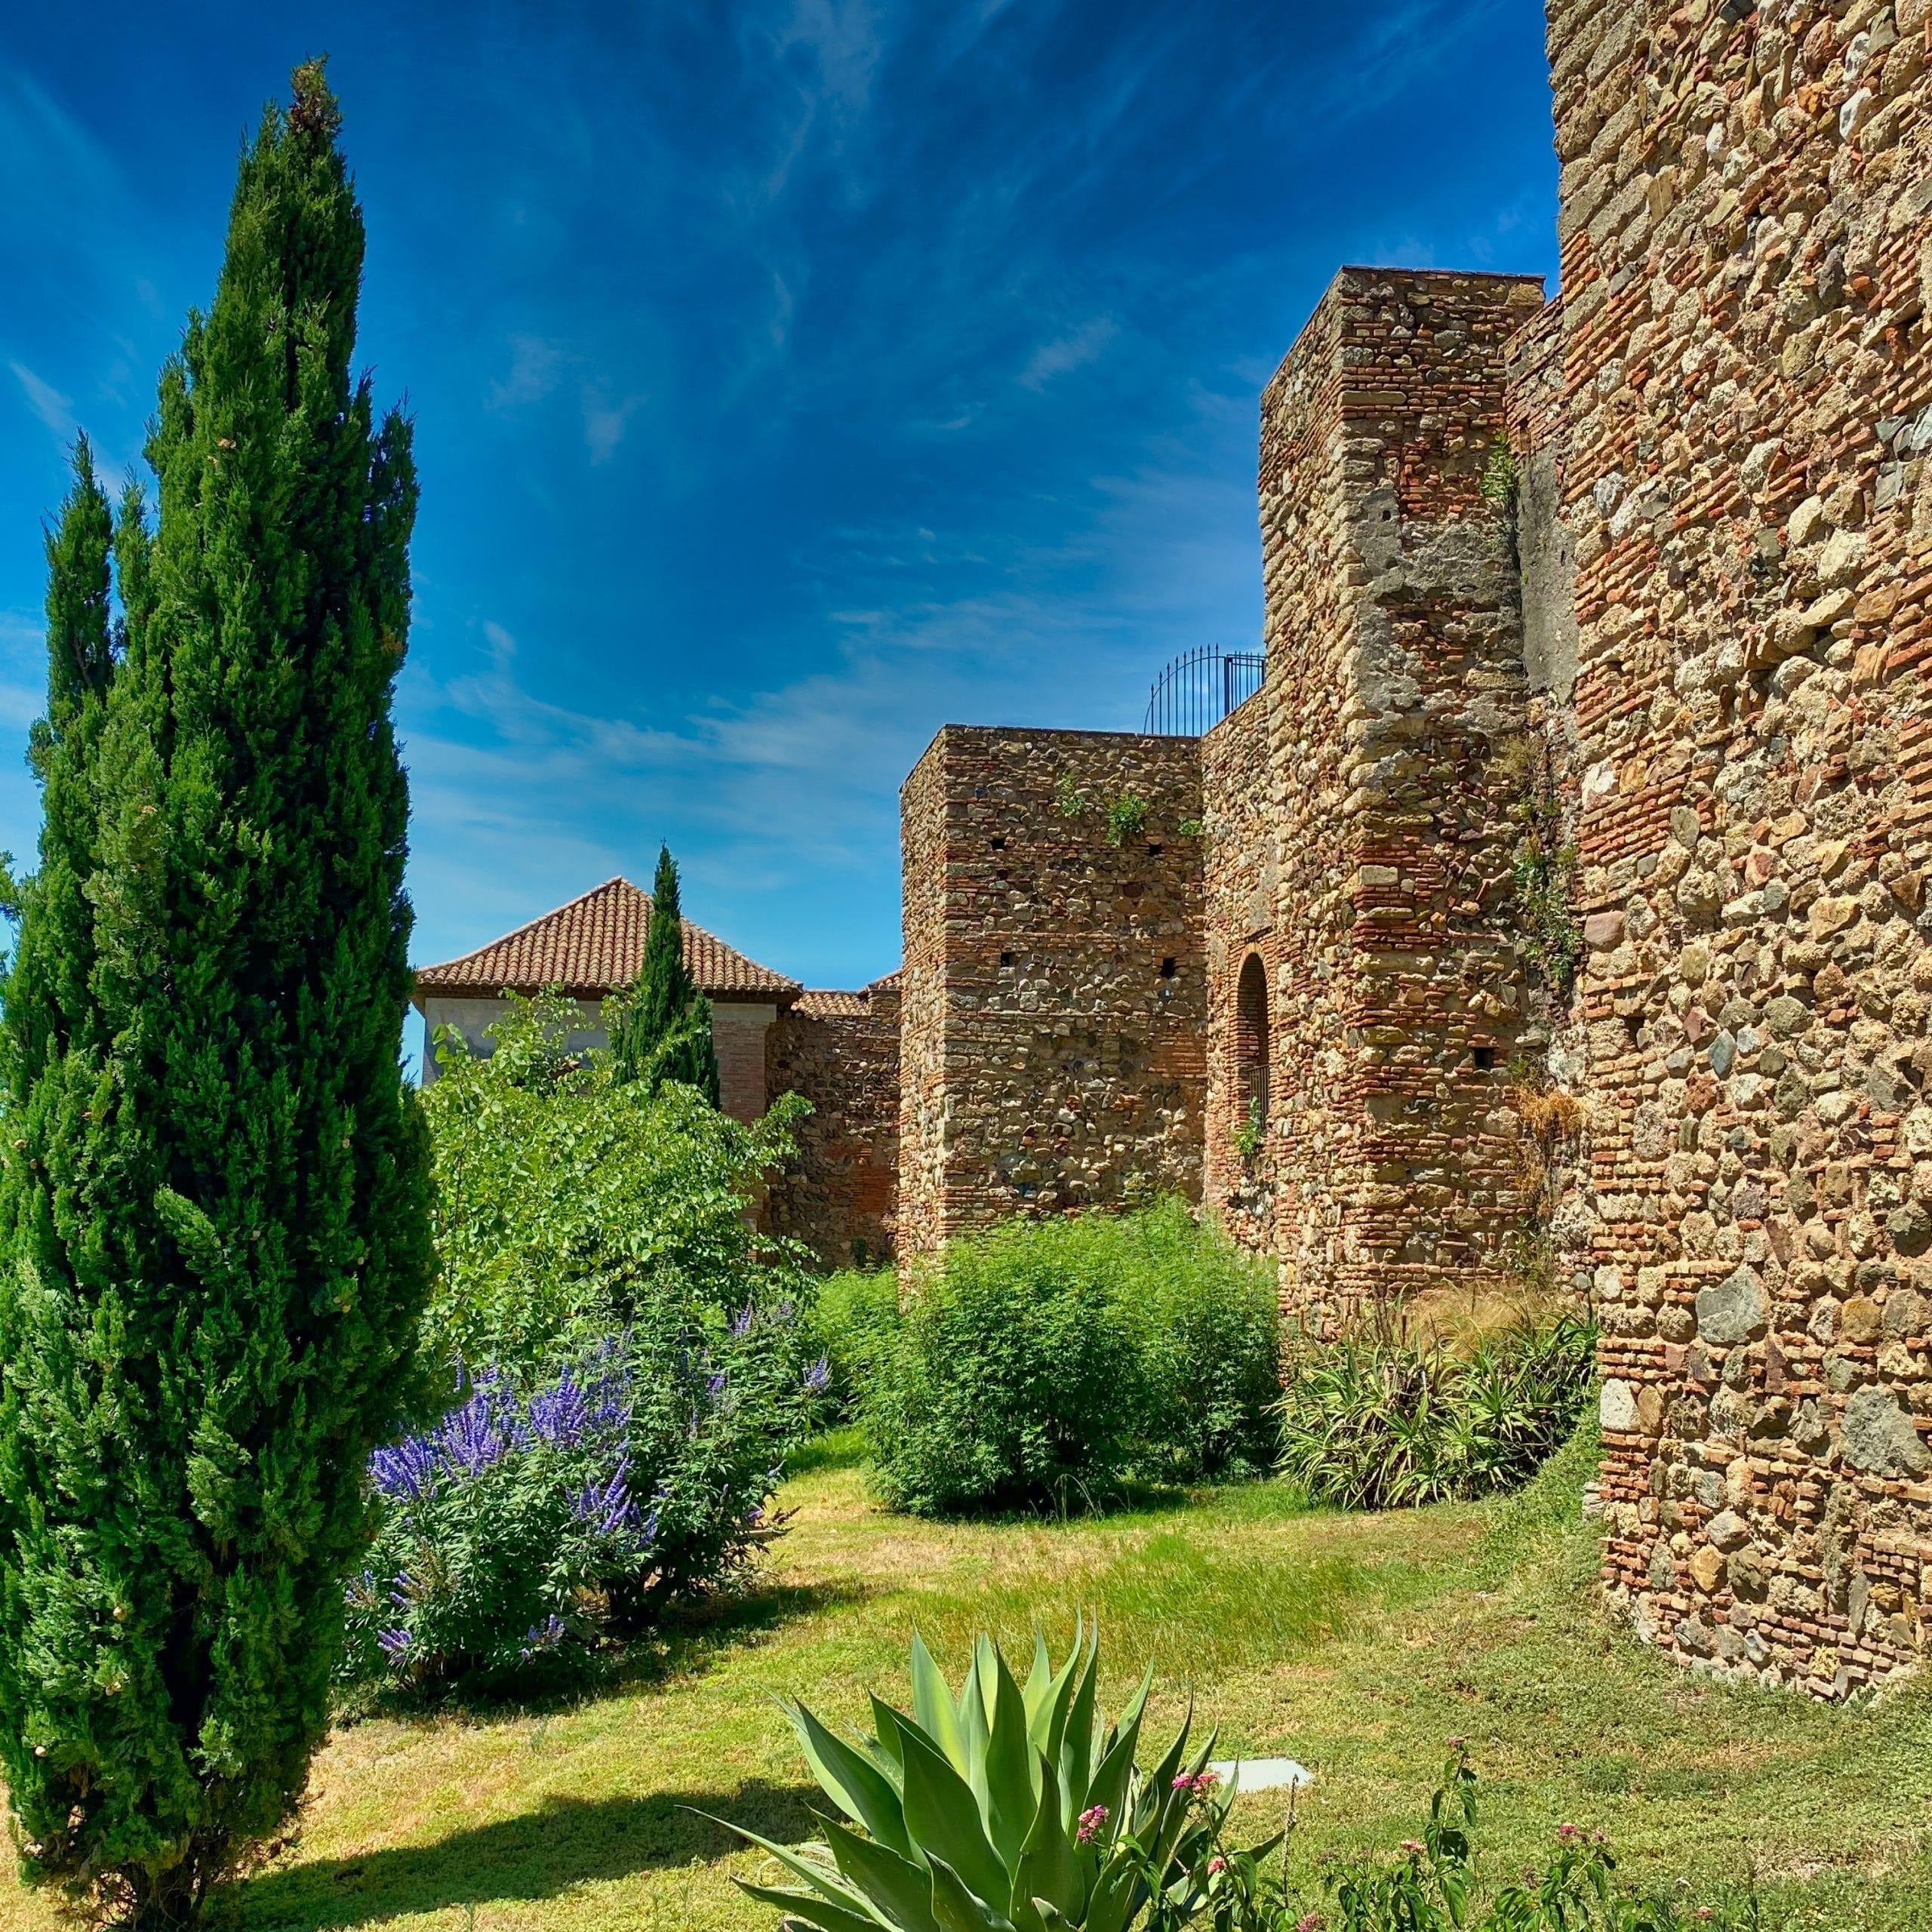 Walls Alcazaba de malaga